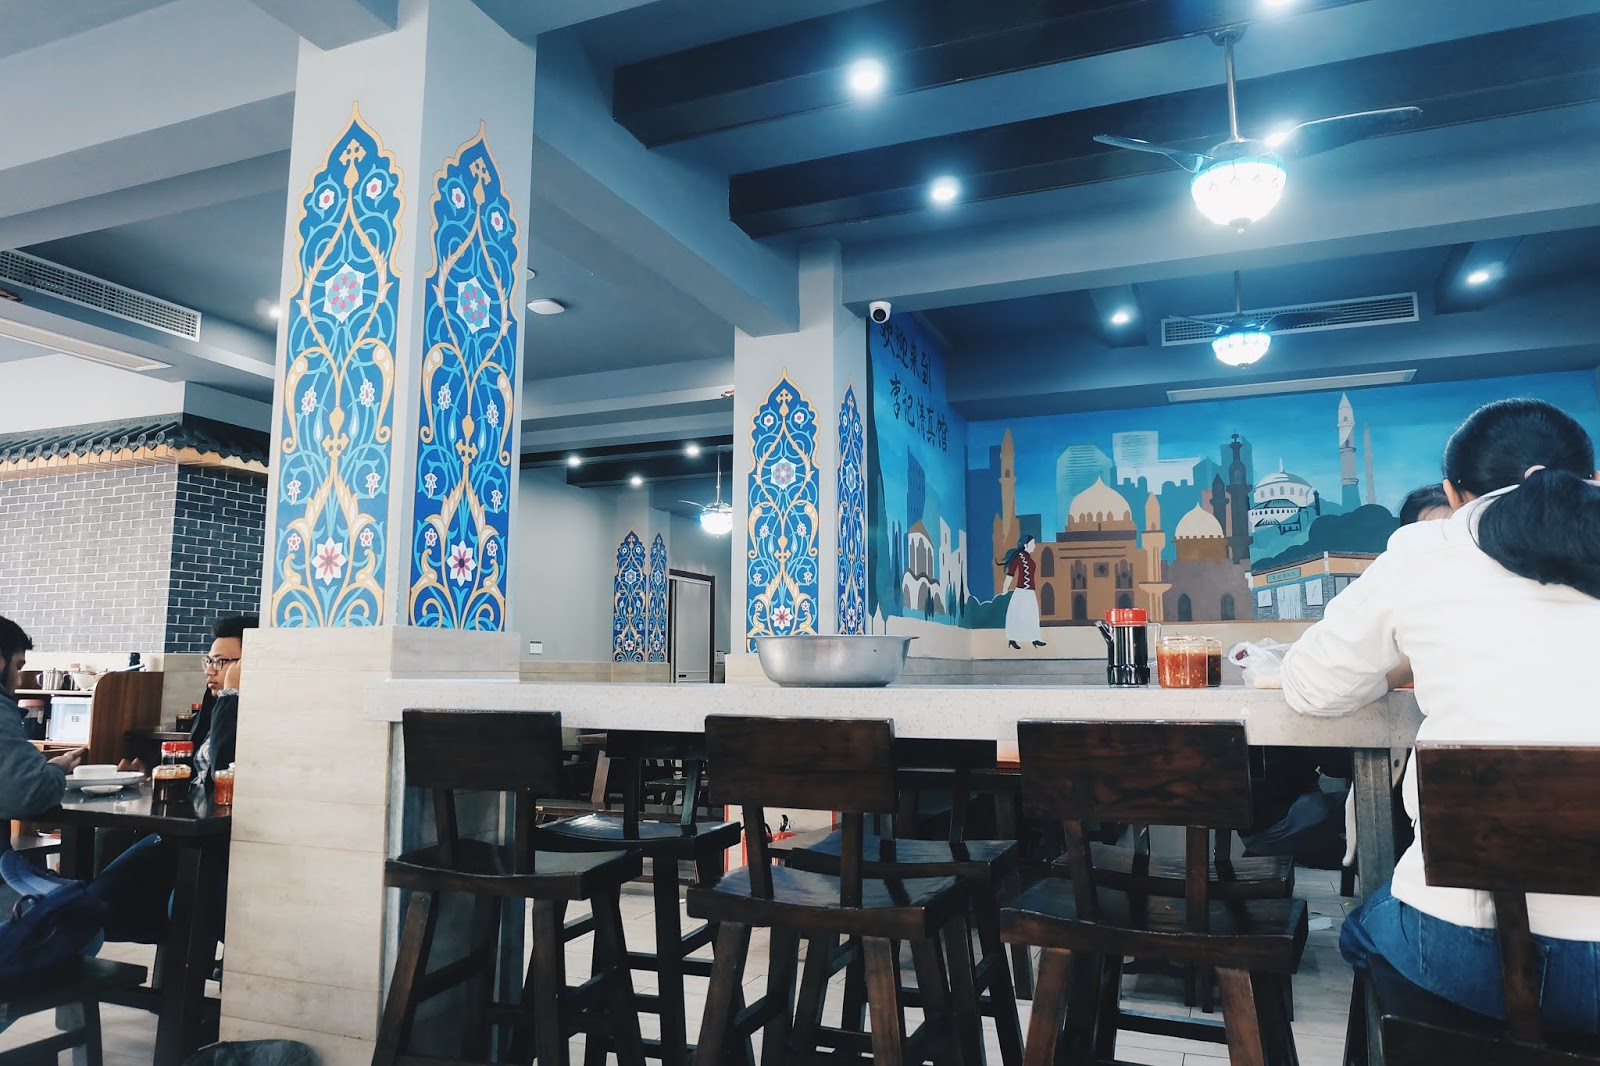 Mencicipi Guotie Resto Halal di Nanjing - Liji Islamic Restaurant Rsjournal